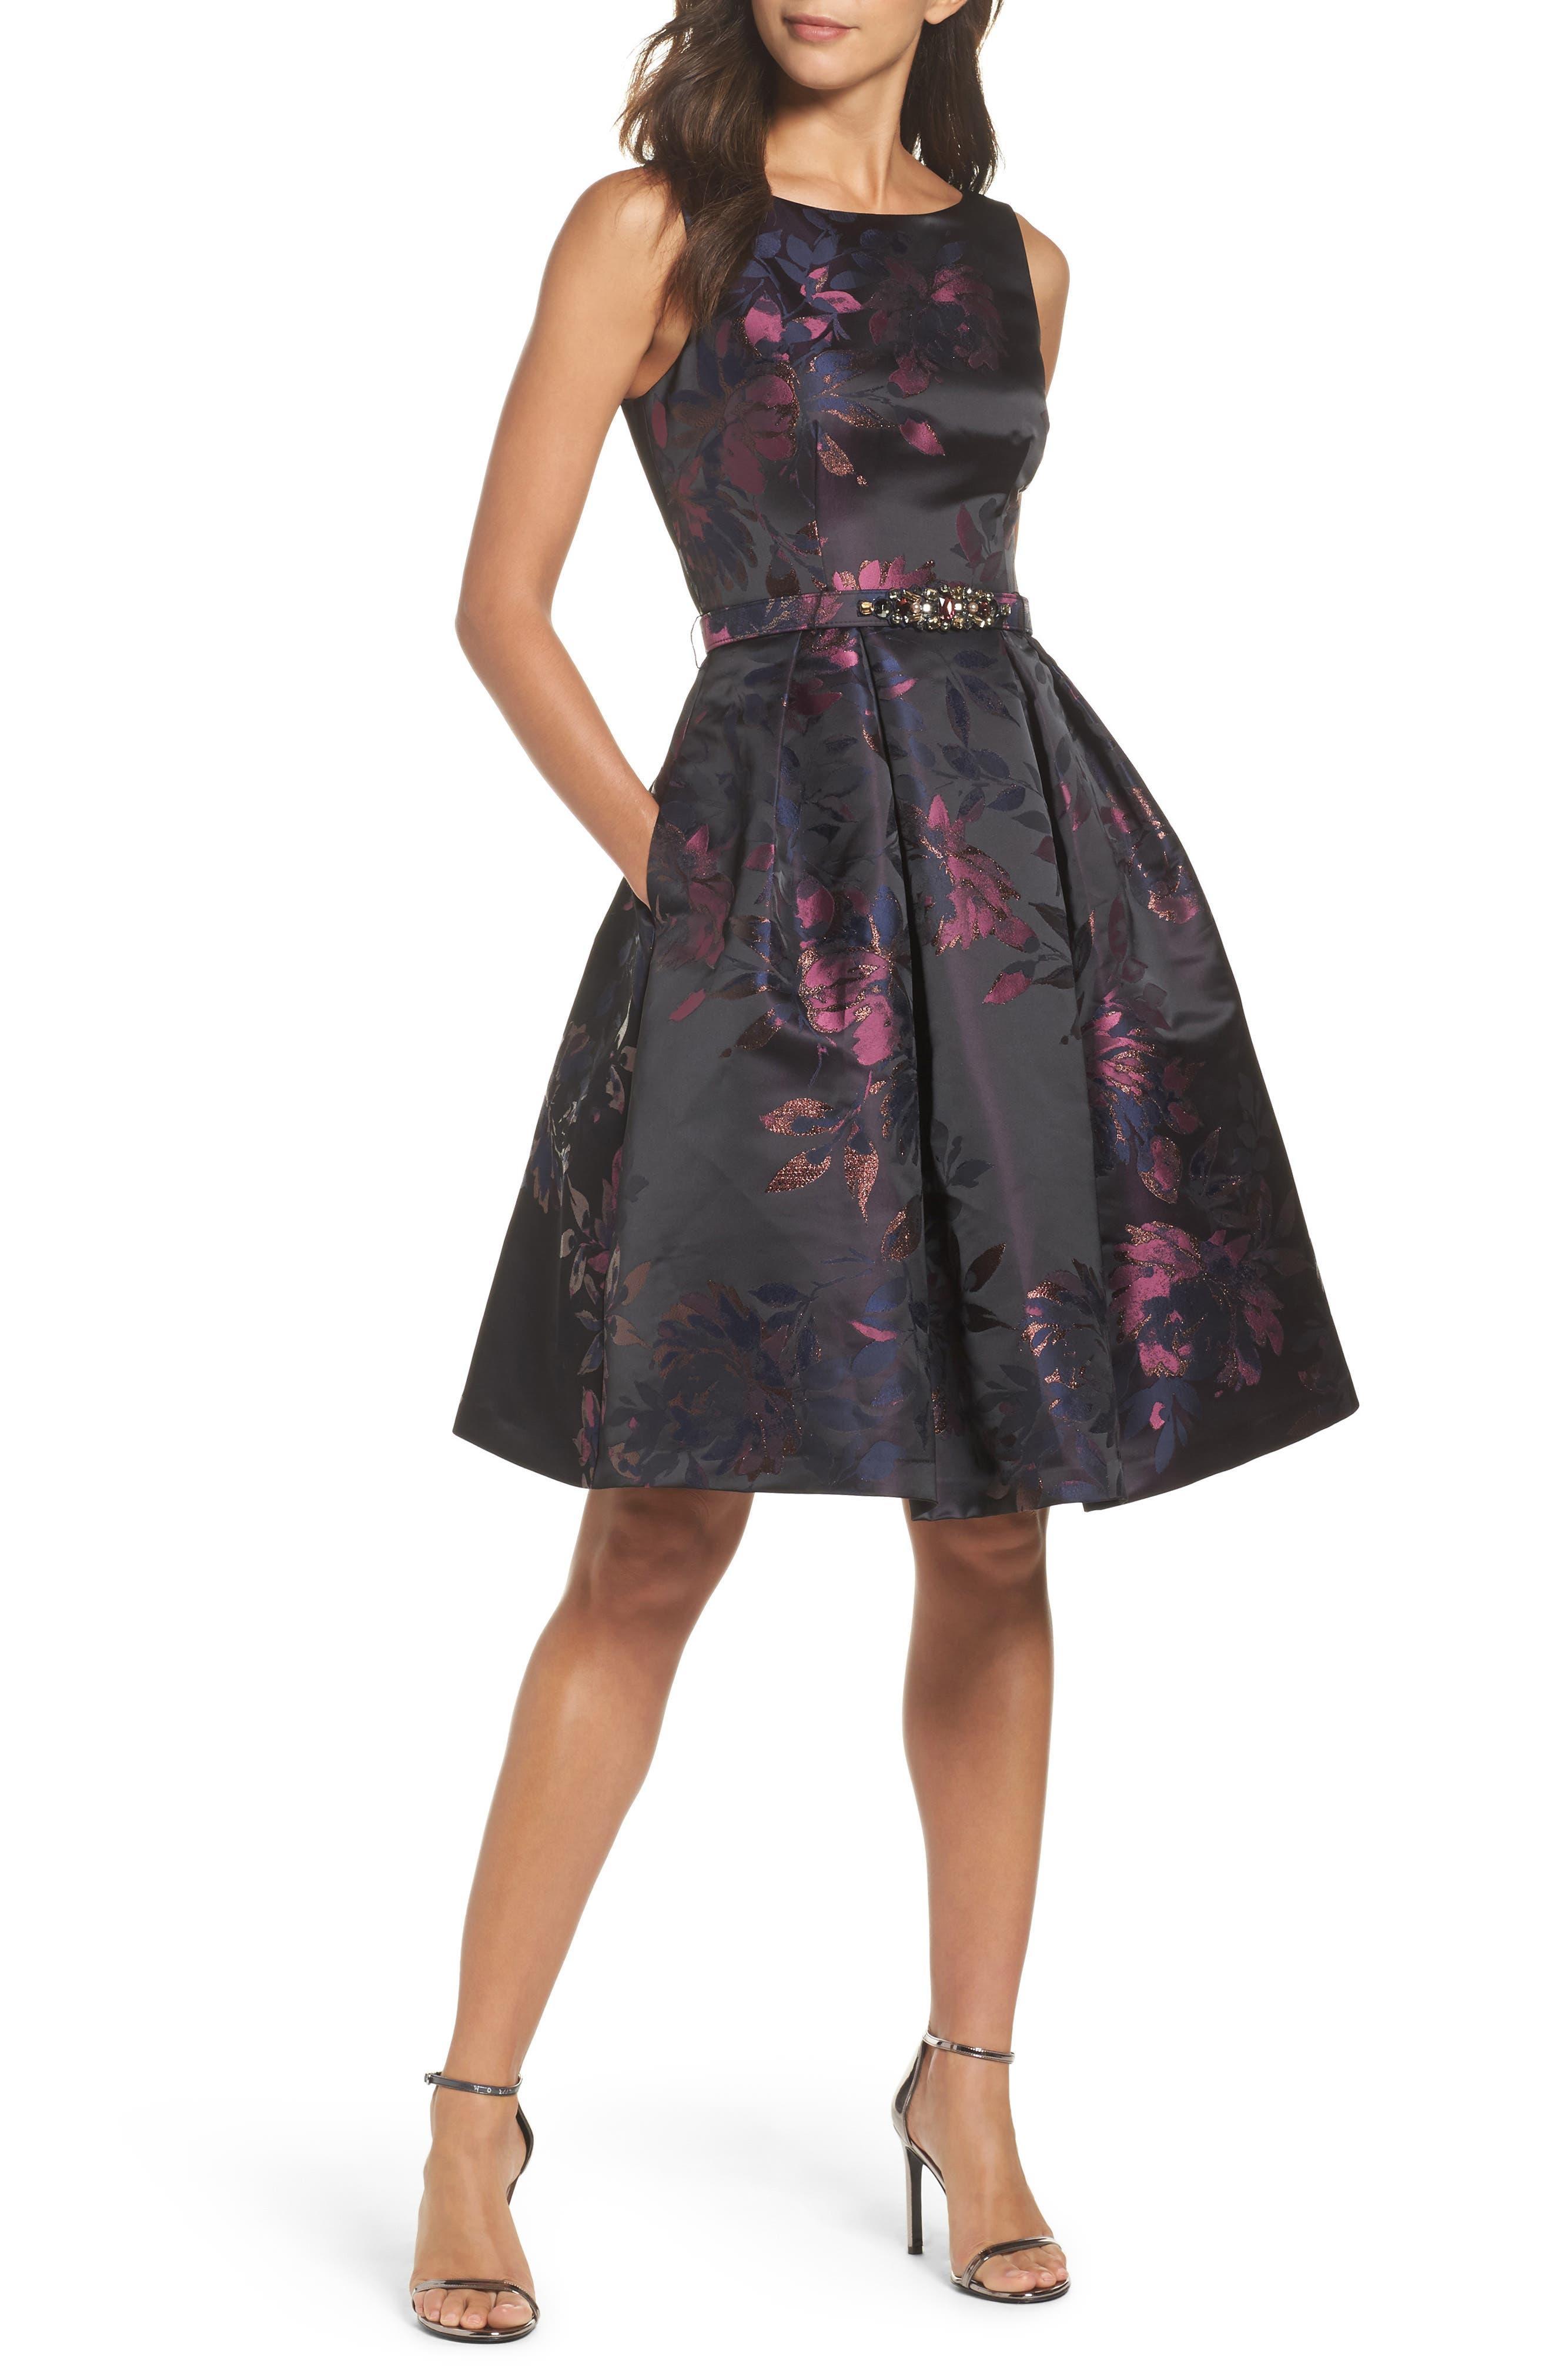 Alternate Image 1 Selected - Eliza J Brocade Fit & Flare Dress